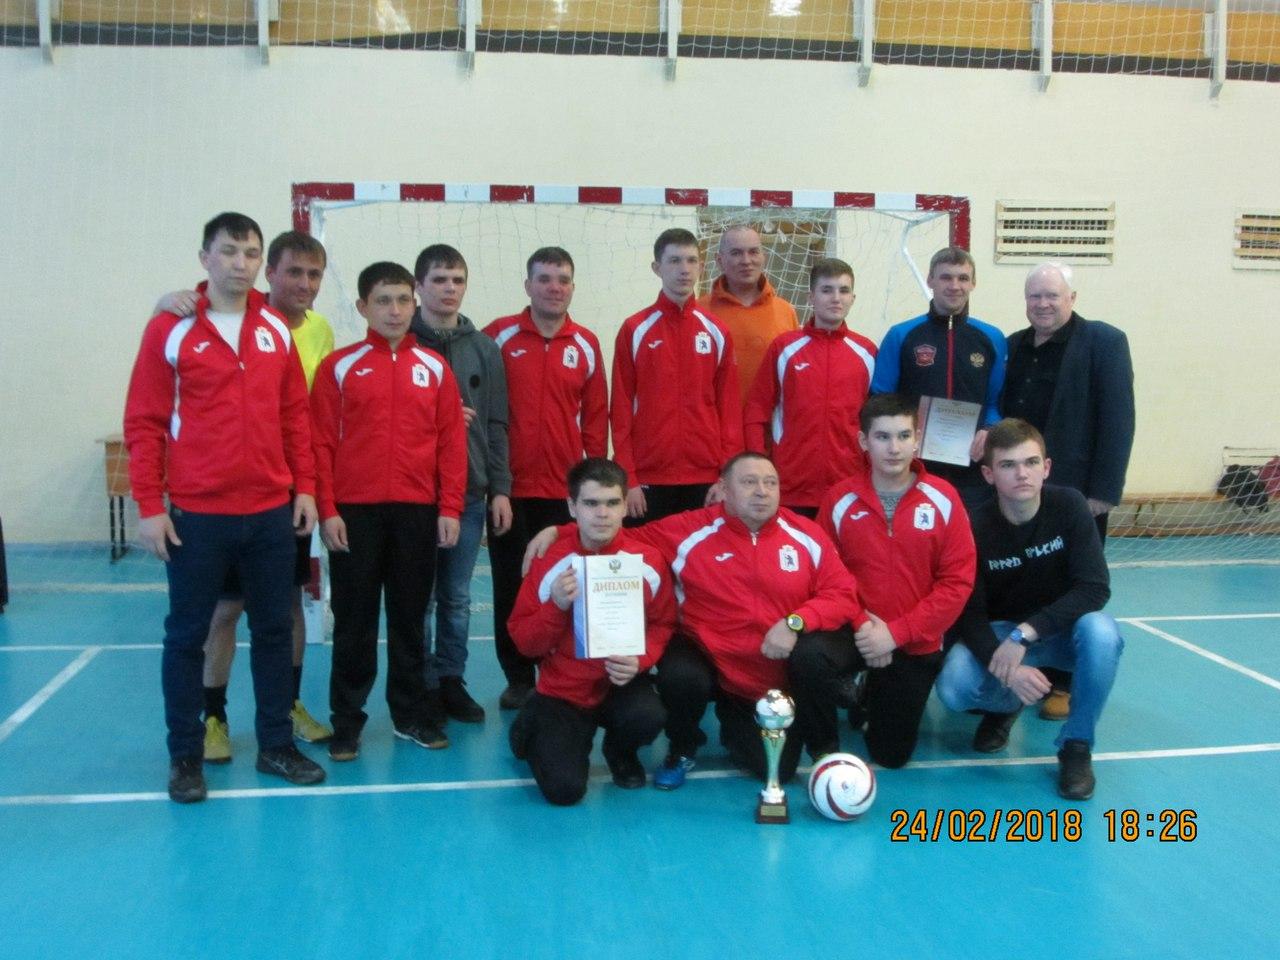 В Йошкар-Оле завершился Кубок России по мини-футболу 5х5 класс В1 спорта слепых